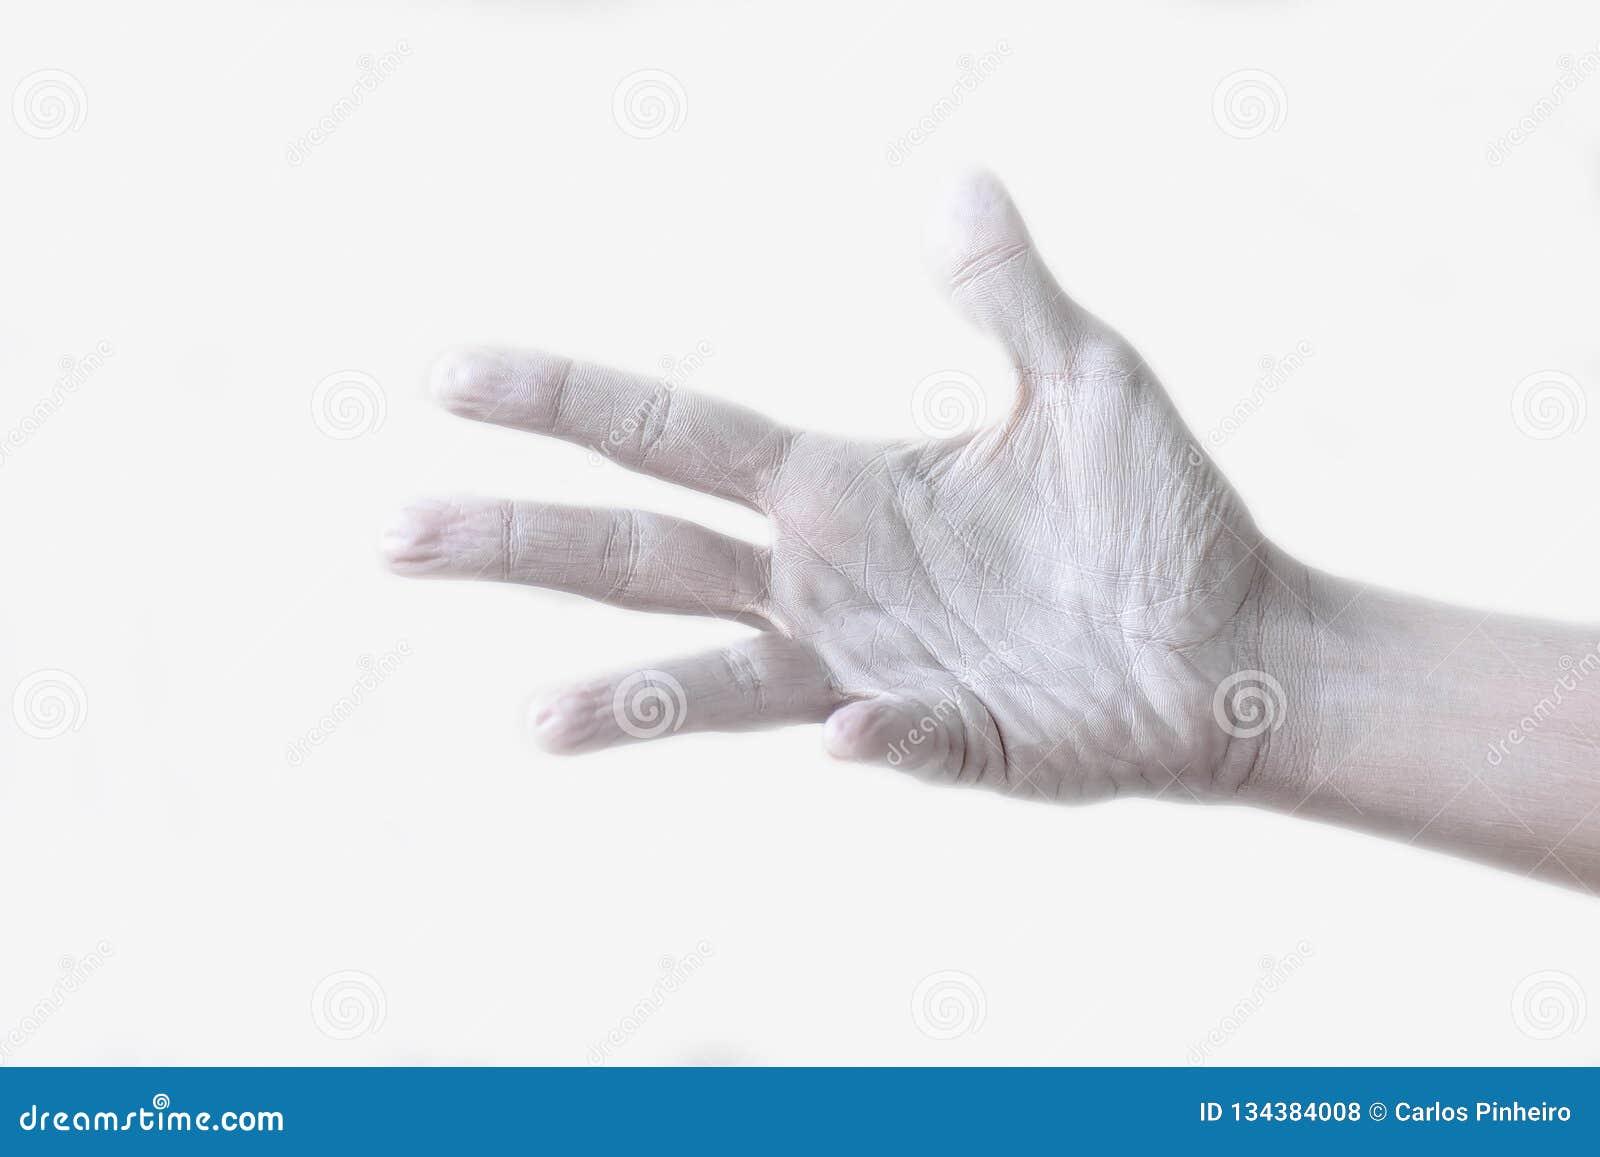 Χειρονομίες, θέσεις και εκφράσεις με τα θηλυκά χέρια και τα δάχτυλα